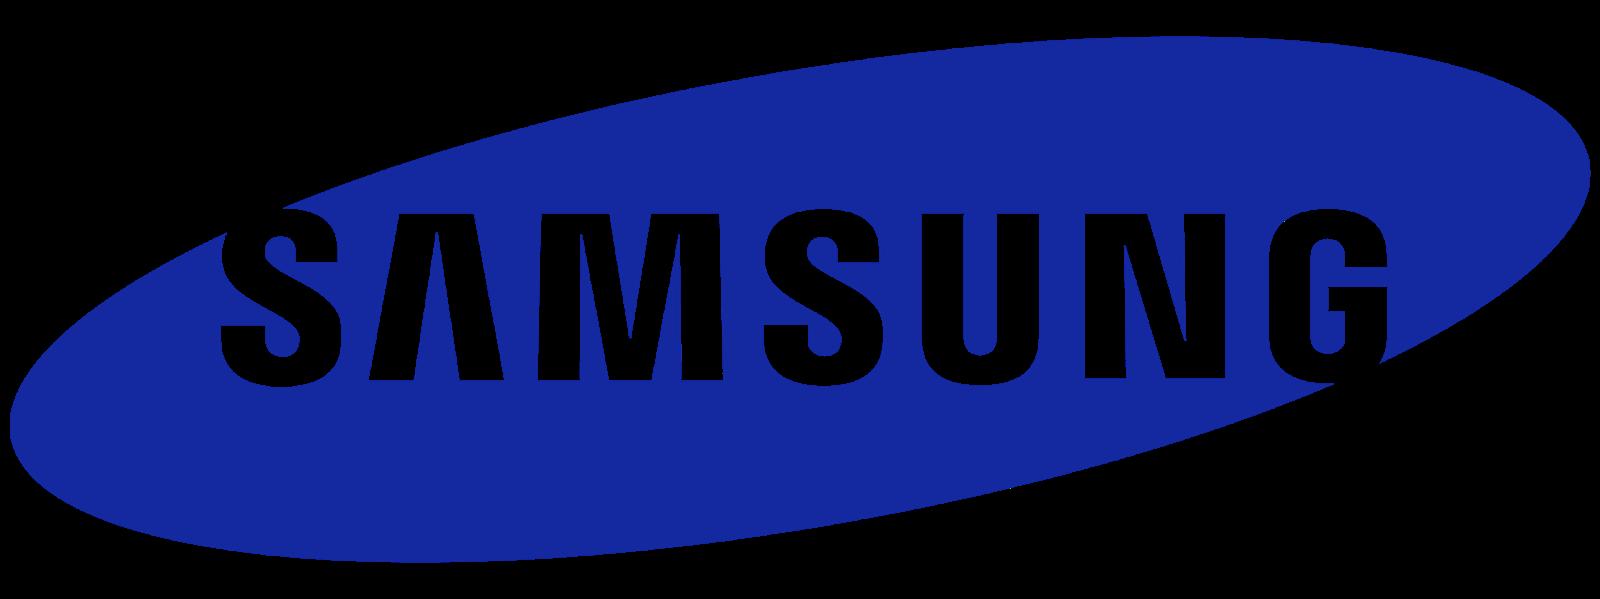 Daftar Harga HP Samsung Android Terbaru Maret 2015